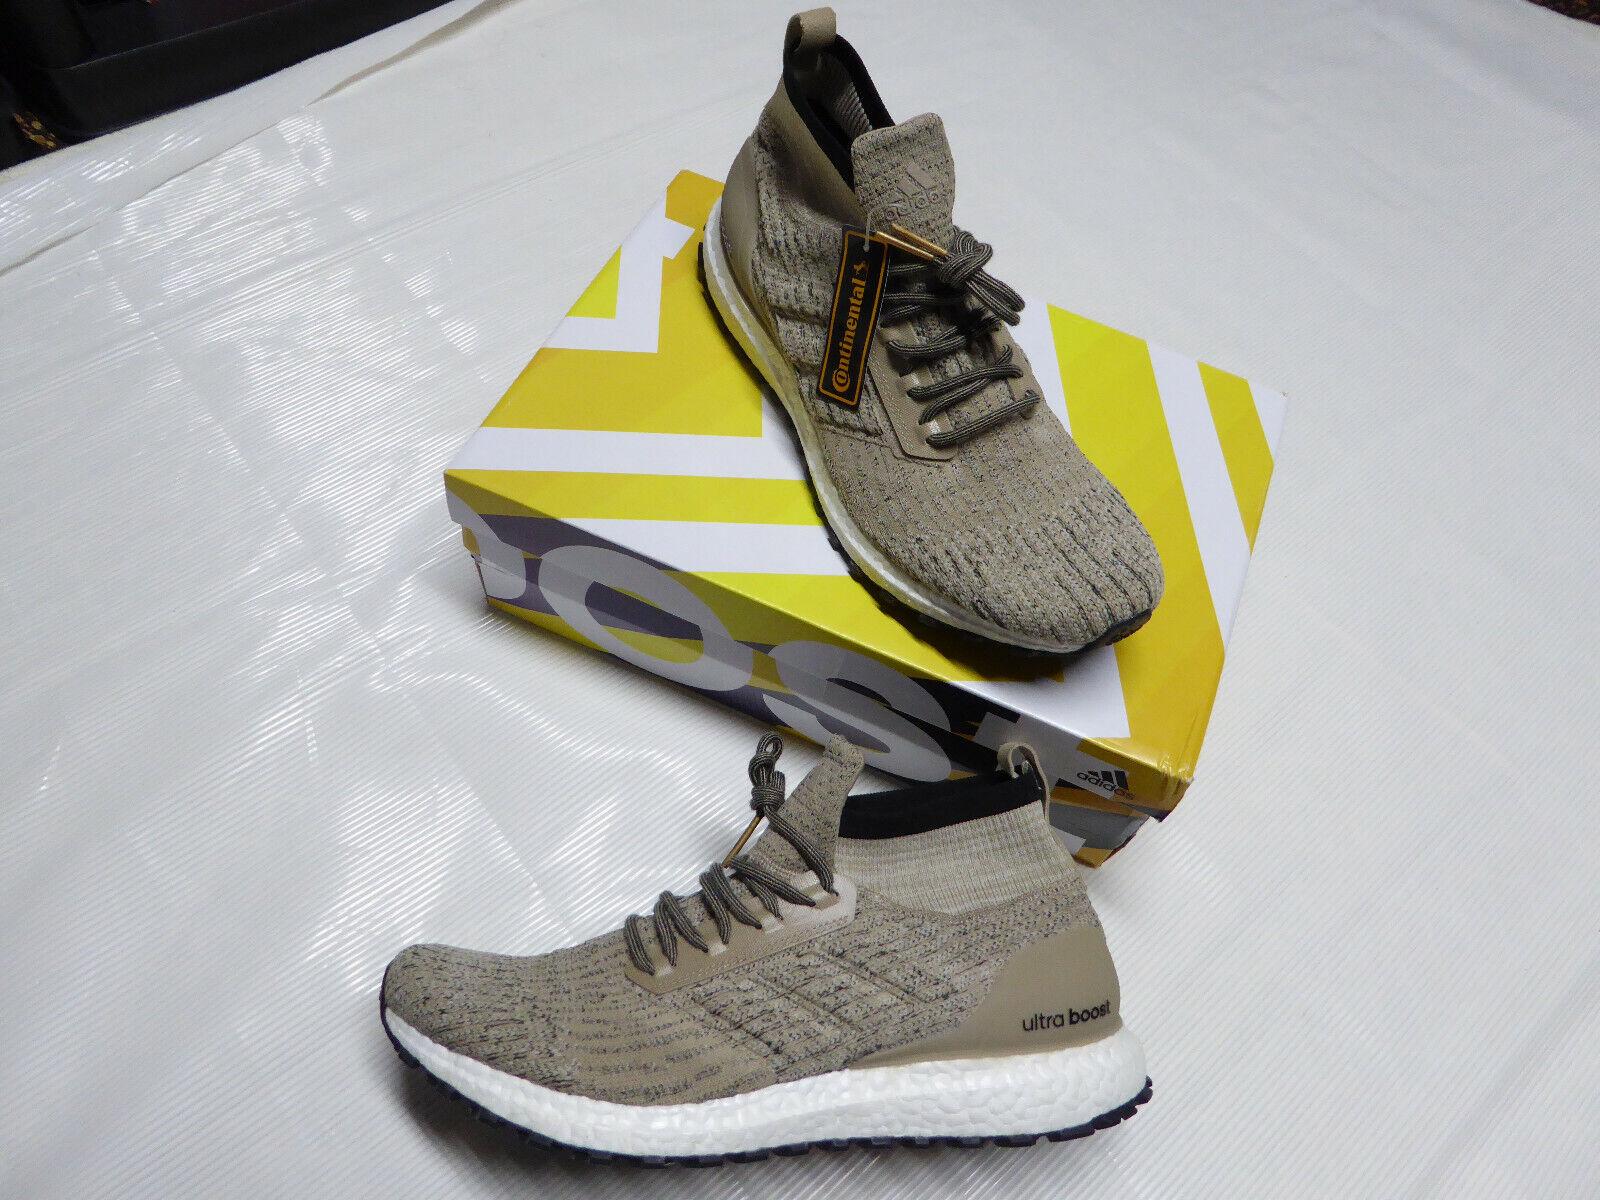 finest selection 80bda 74a8e Adidas UltraBOOST All Terrain Running shoes Sz  11.5   9.5  (CG3001)